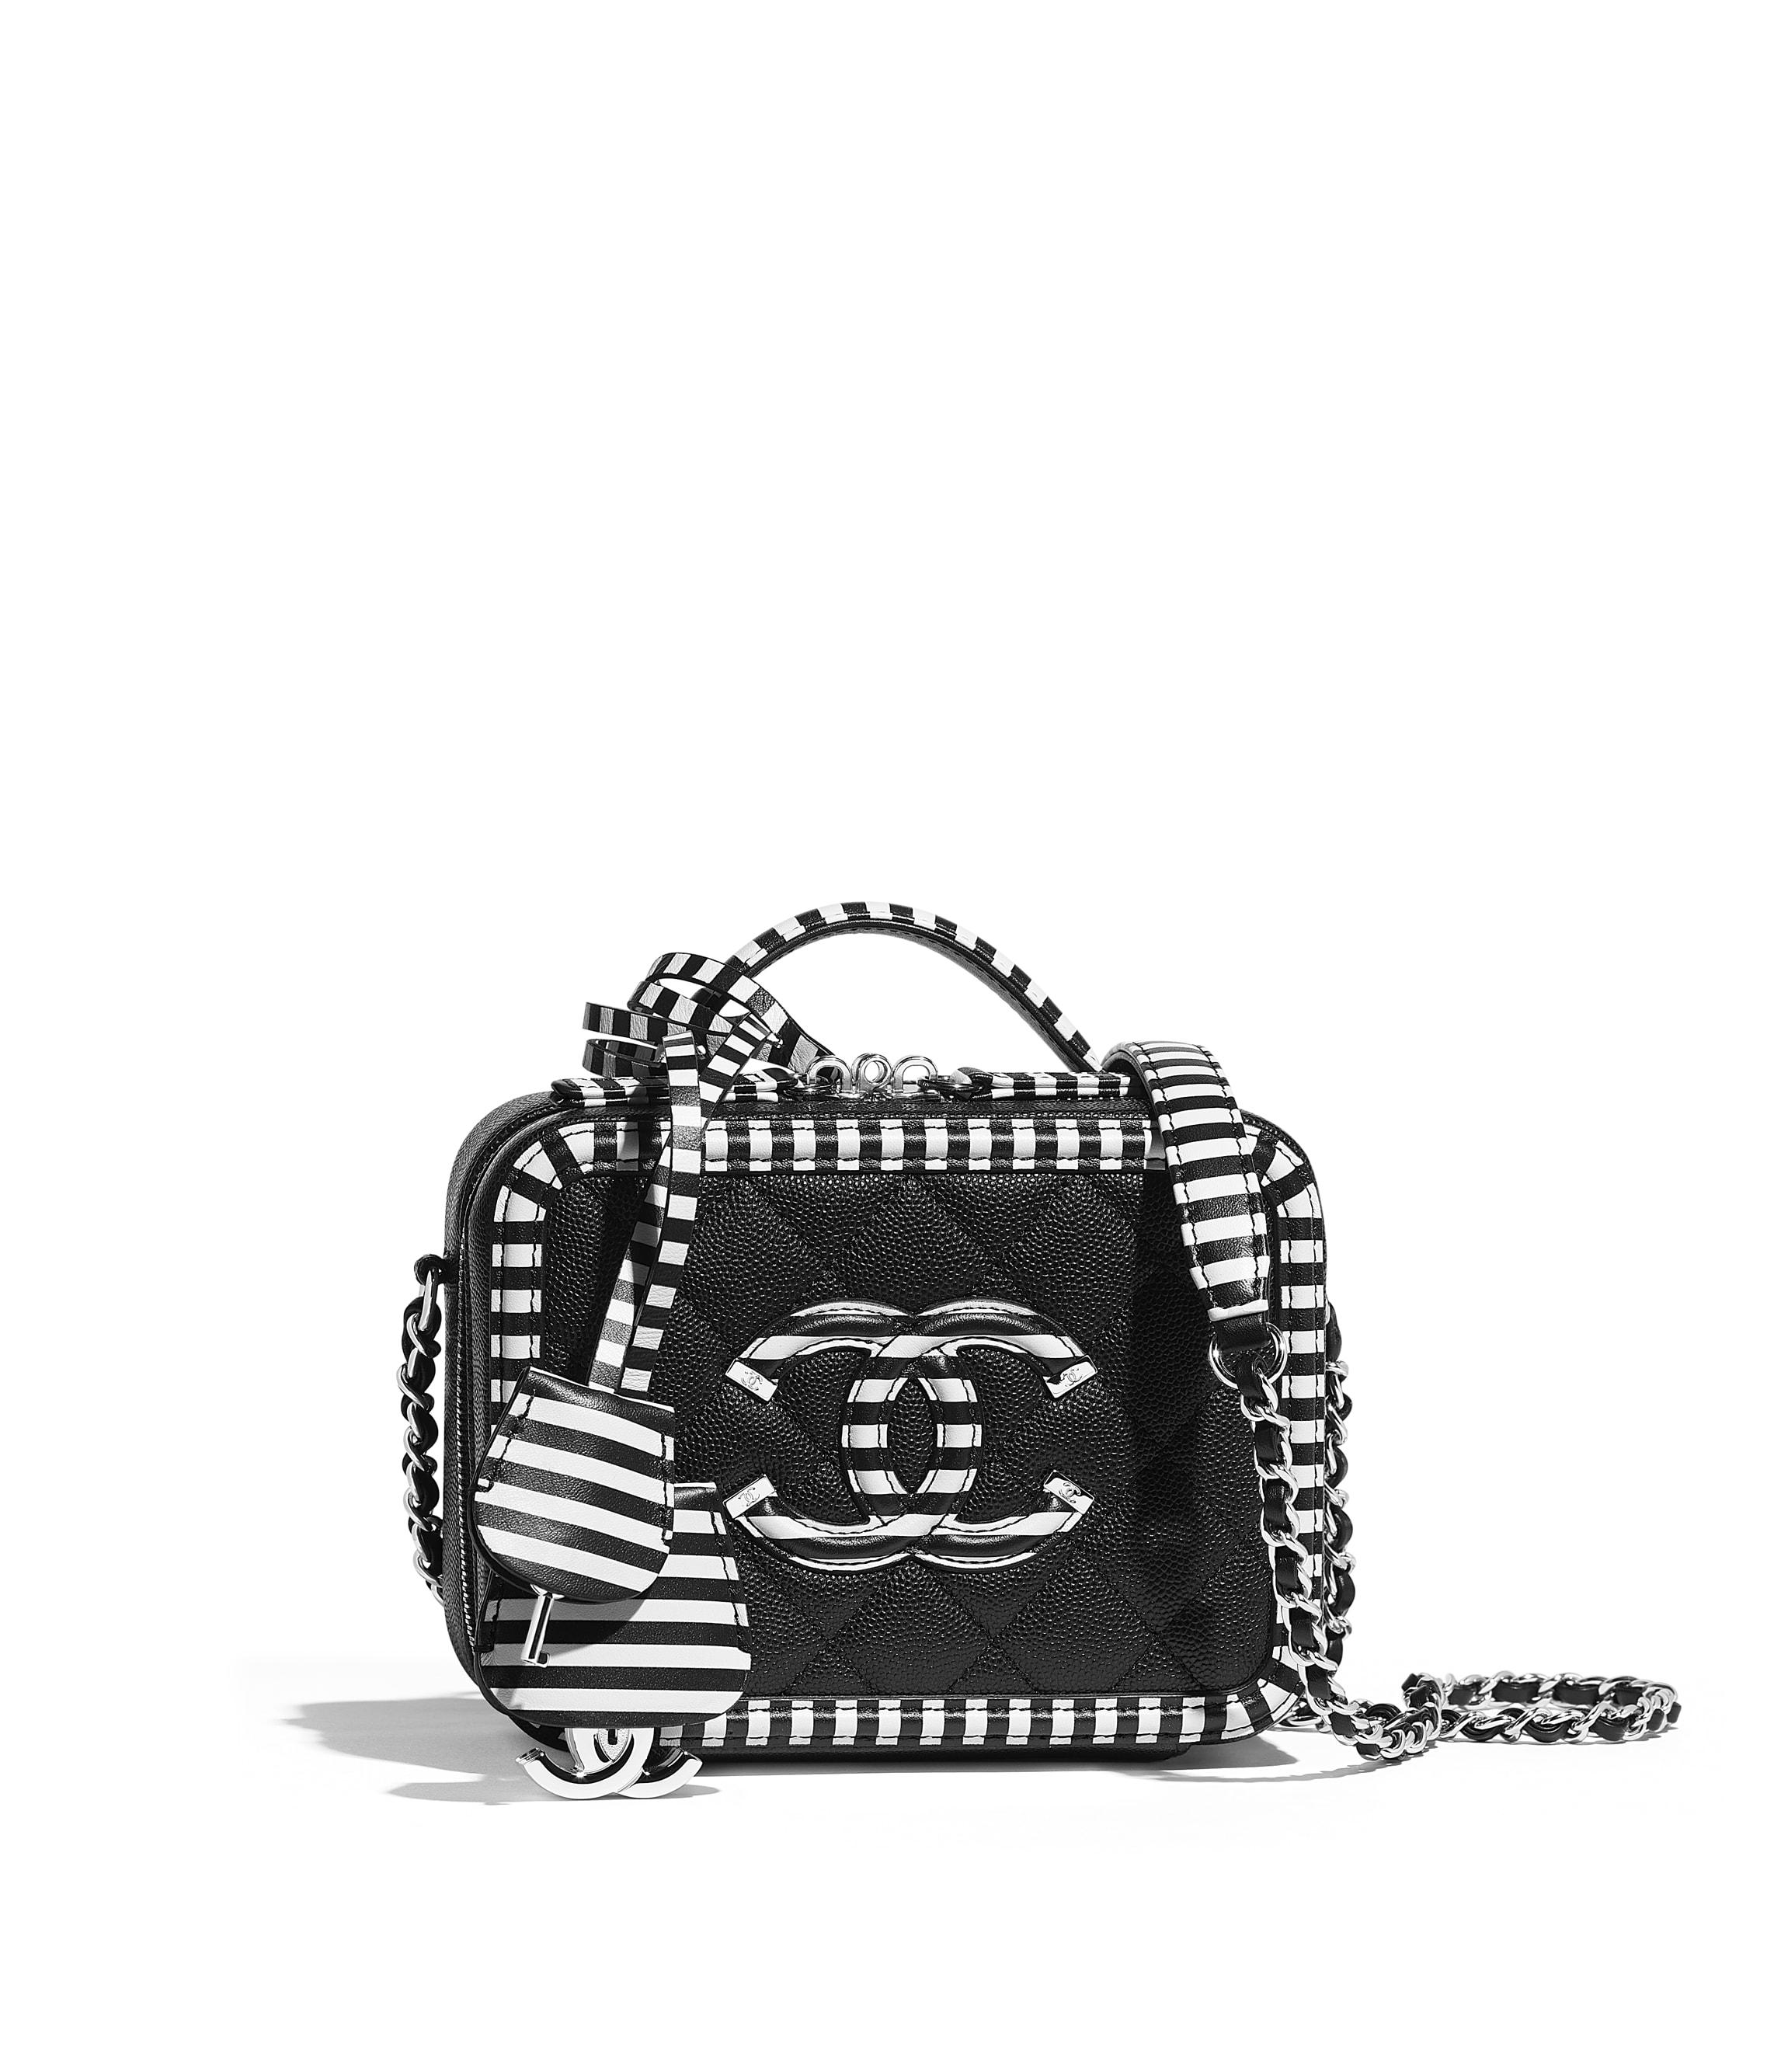 сумка Vanity маленького размера